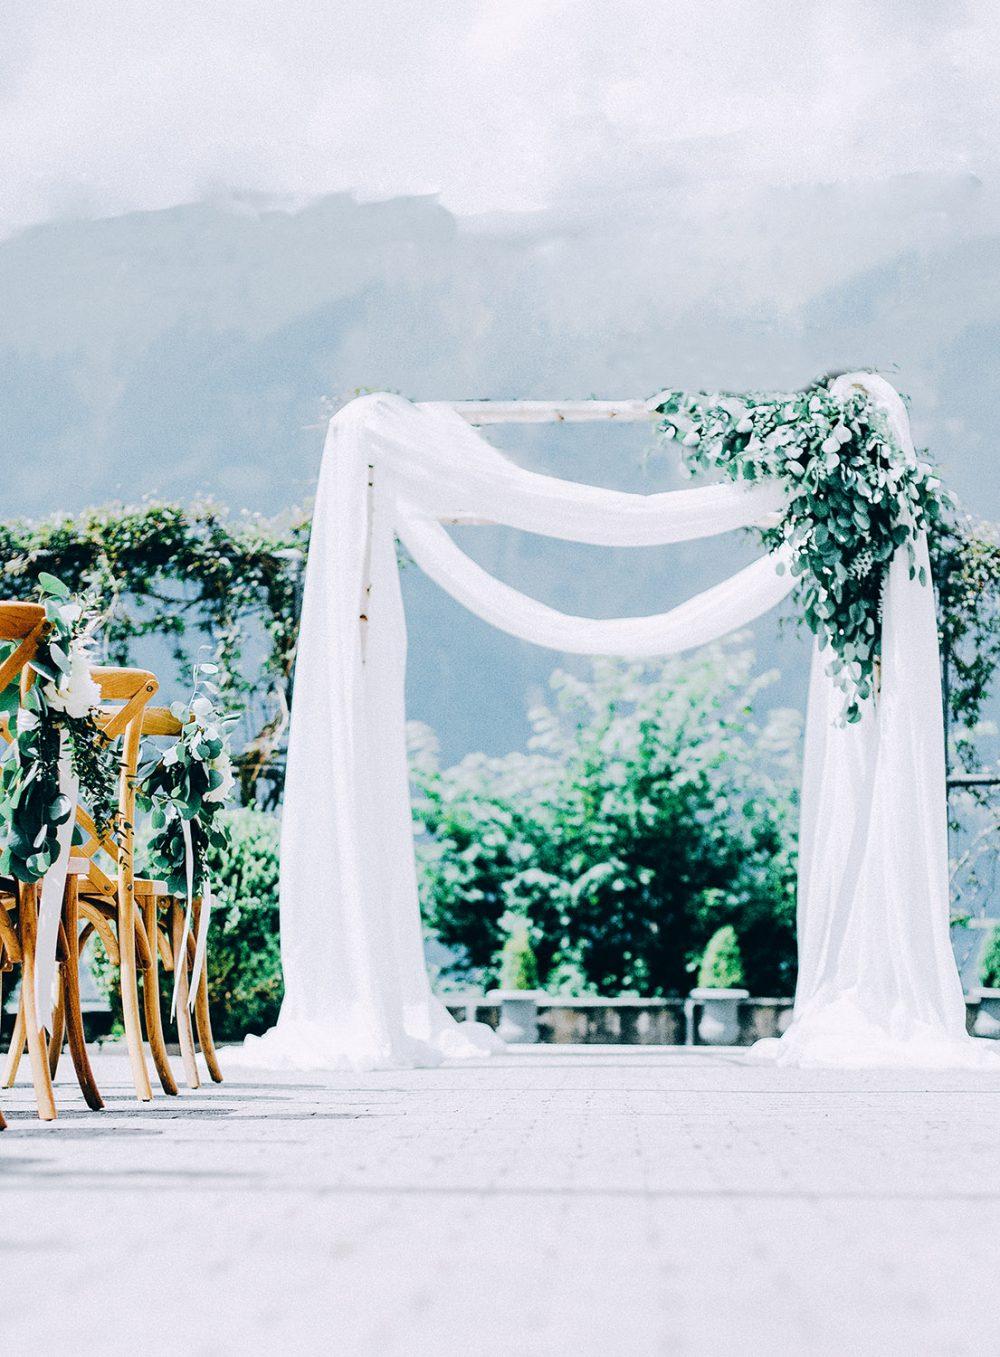 Wedding Grandhotel Giessbach Organic Wedding Eucalyptus Peonies Pfingstrosen St. Remy Chairs nachhaltig Hochzeitsblumen Hochzeitsdekoration Bern Zürich jüdische Hochzeit Chupah